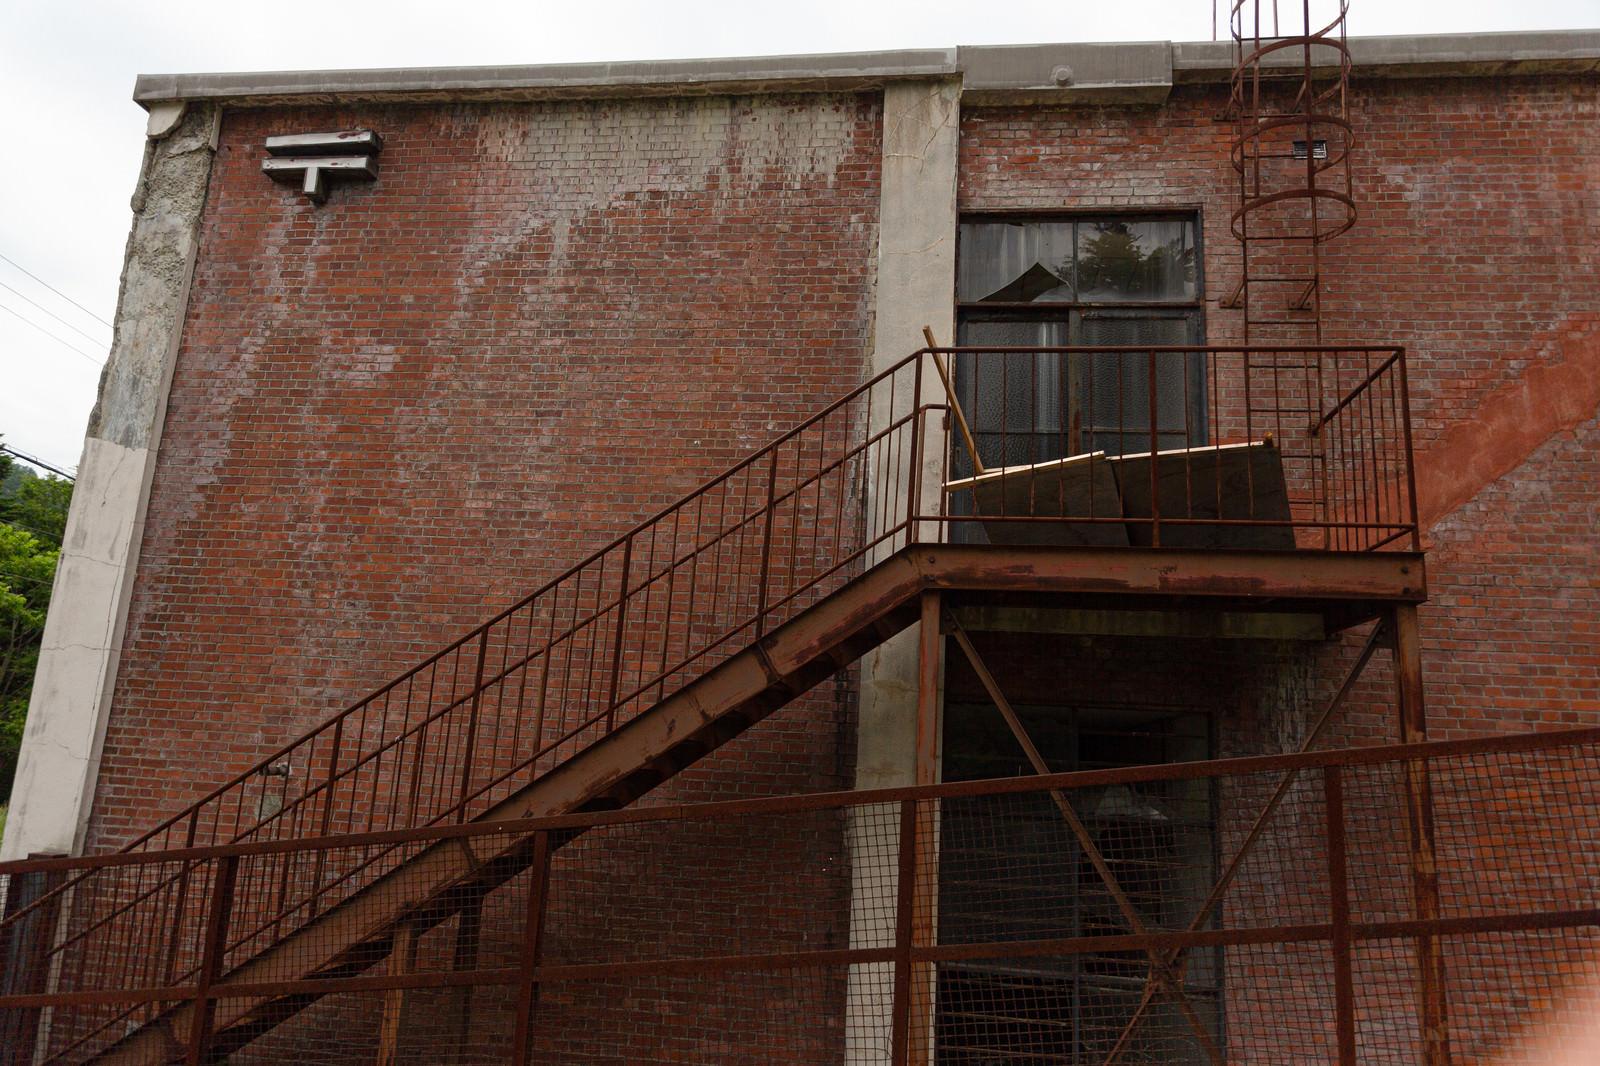 「我路郵便局の錆びた階段と崩れる外壁(一時閉鎖)」の写真